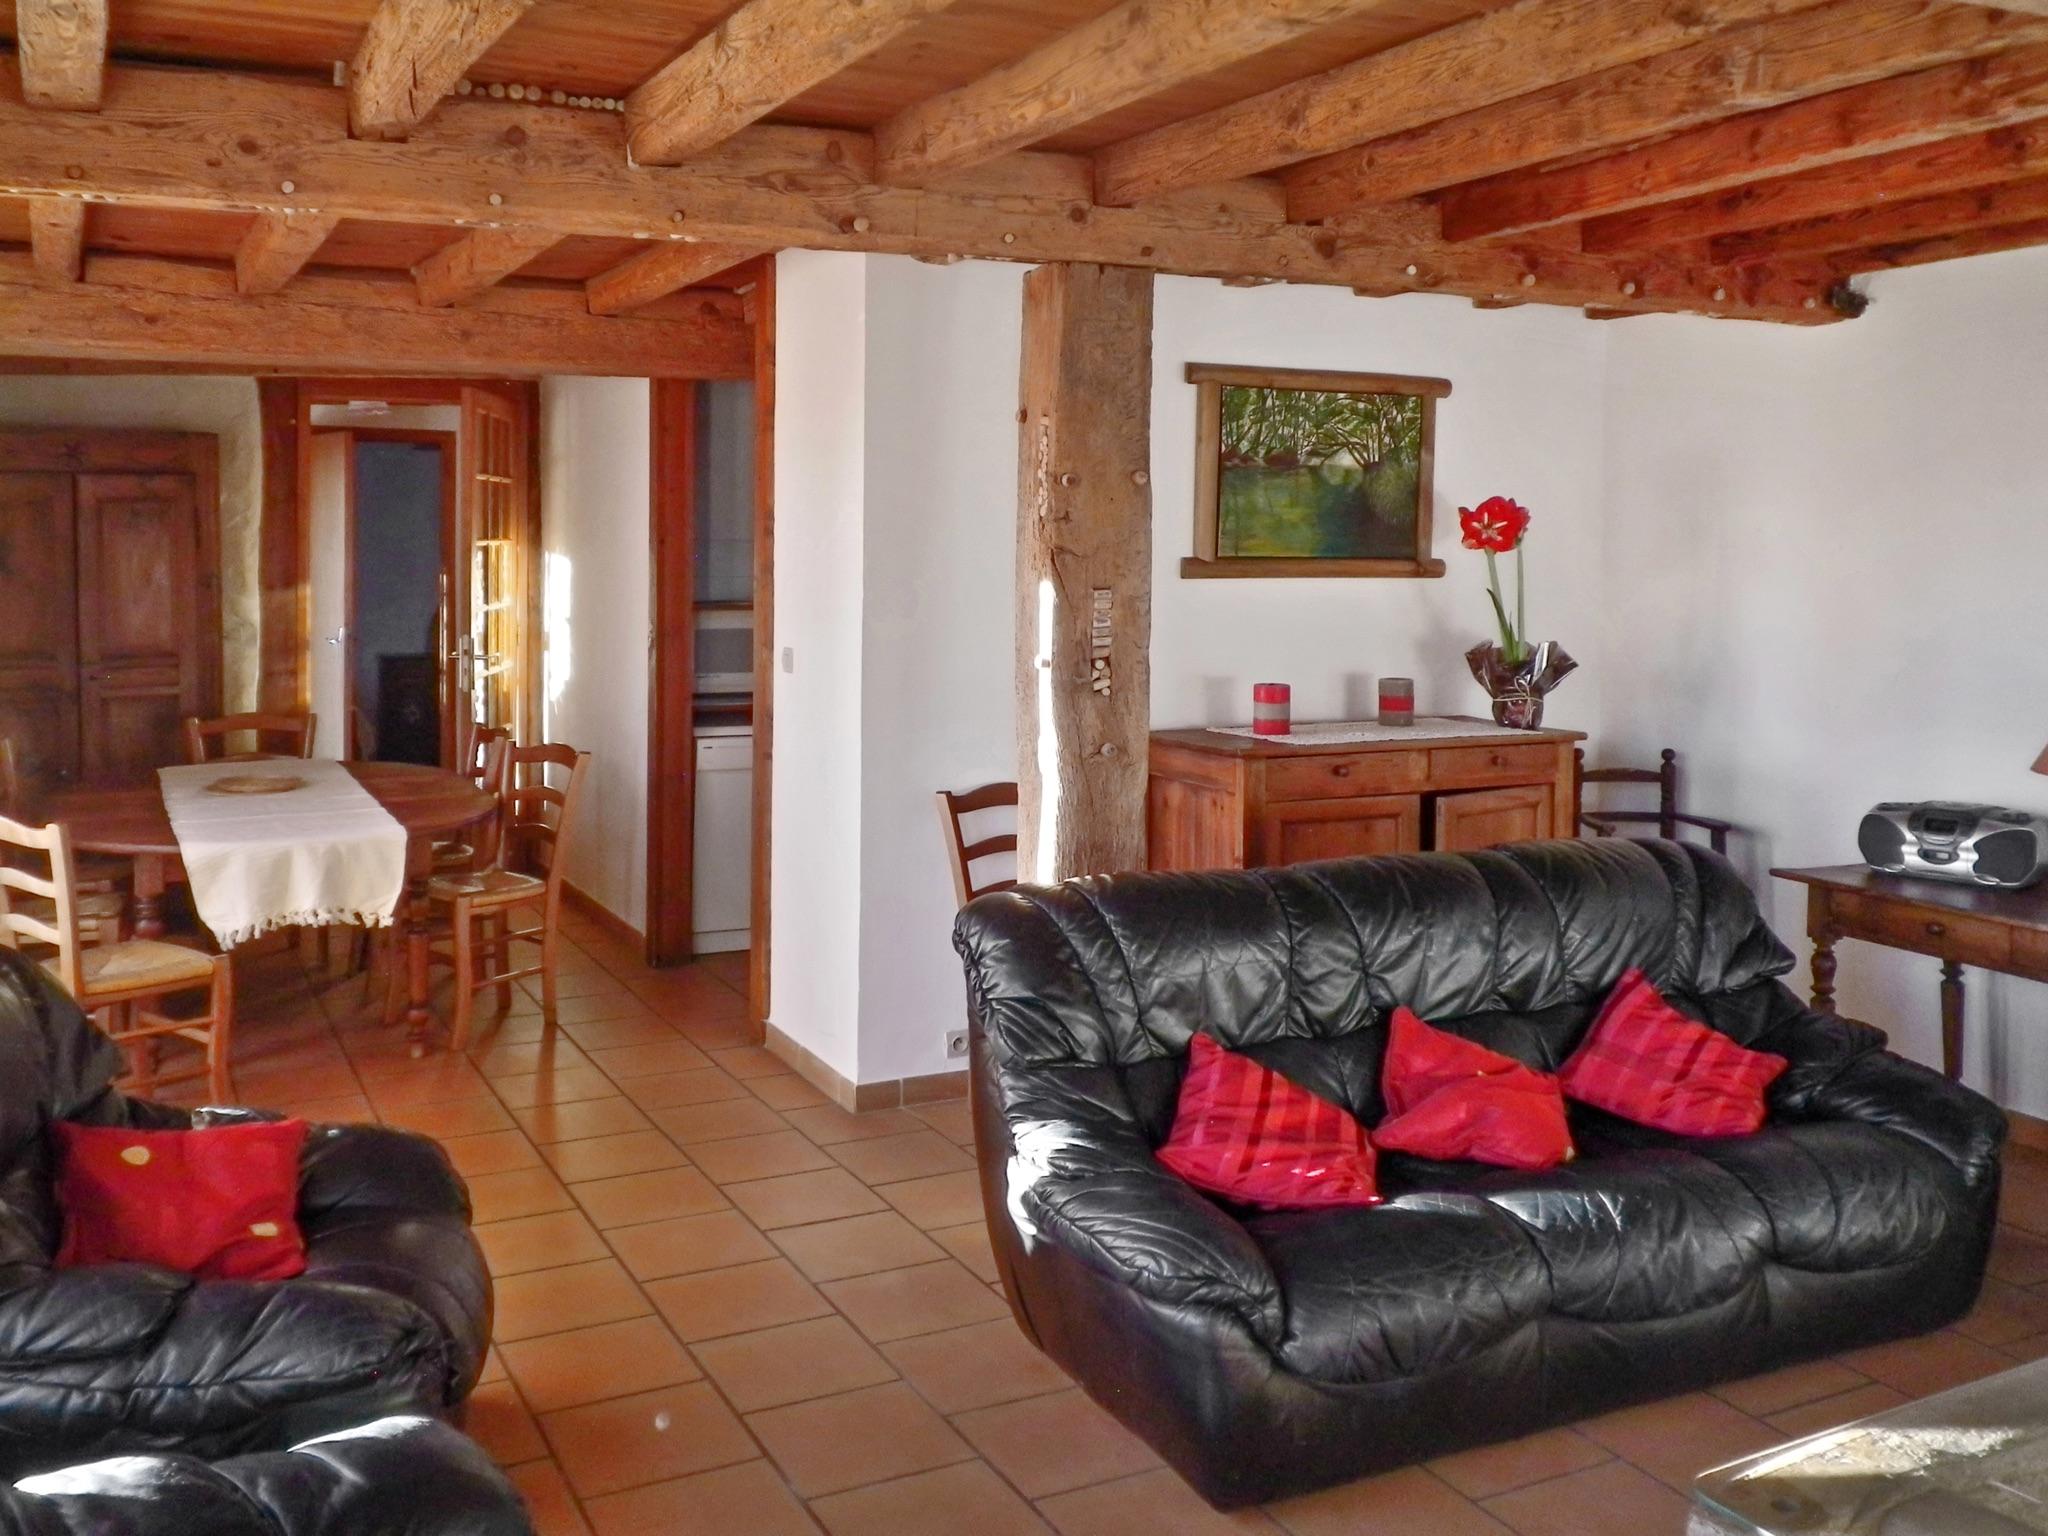 Ferienhaus Villa mit 4 Zimmern in Trensacq mit privatem Pool und möbliertem Garten - 45 km vom Strand (2202366), Trensacq, Landes, Aquitanien, Frankreich, Bild 9